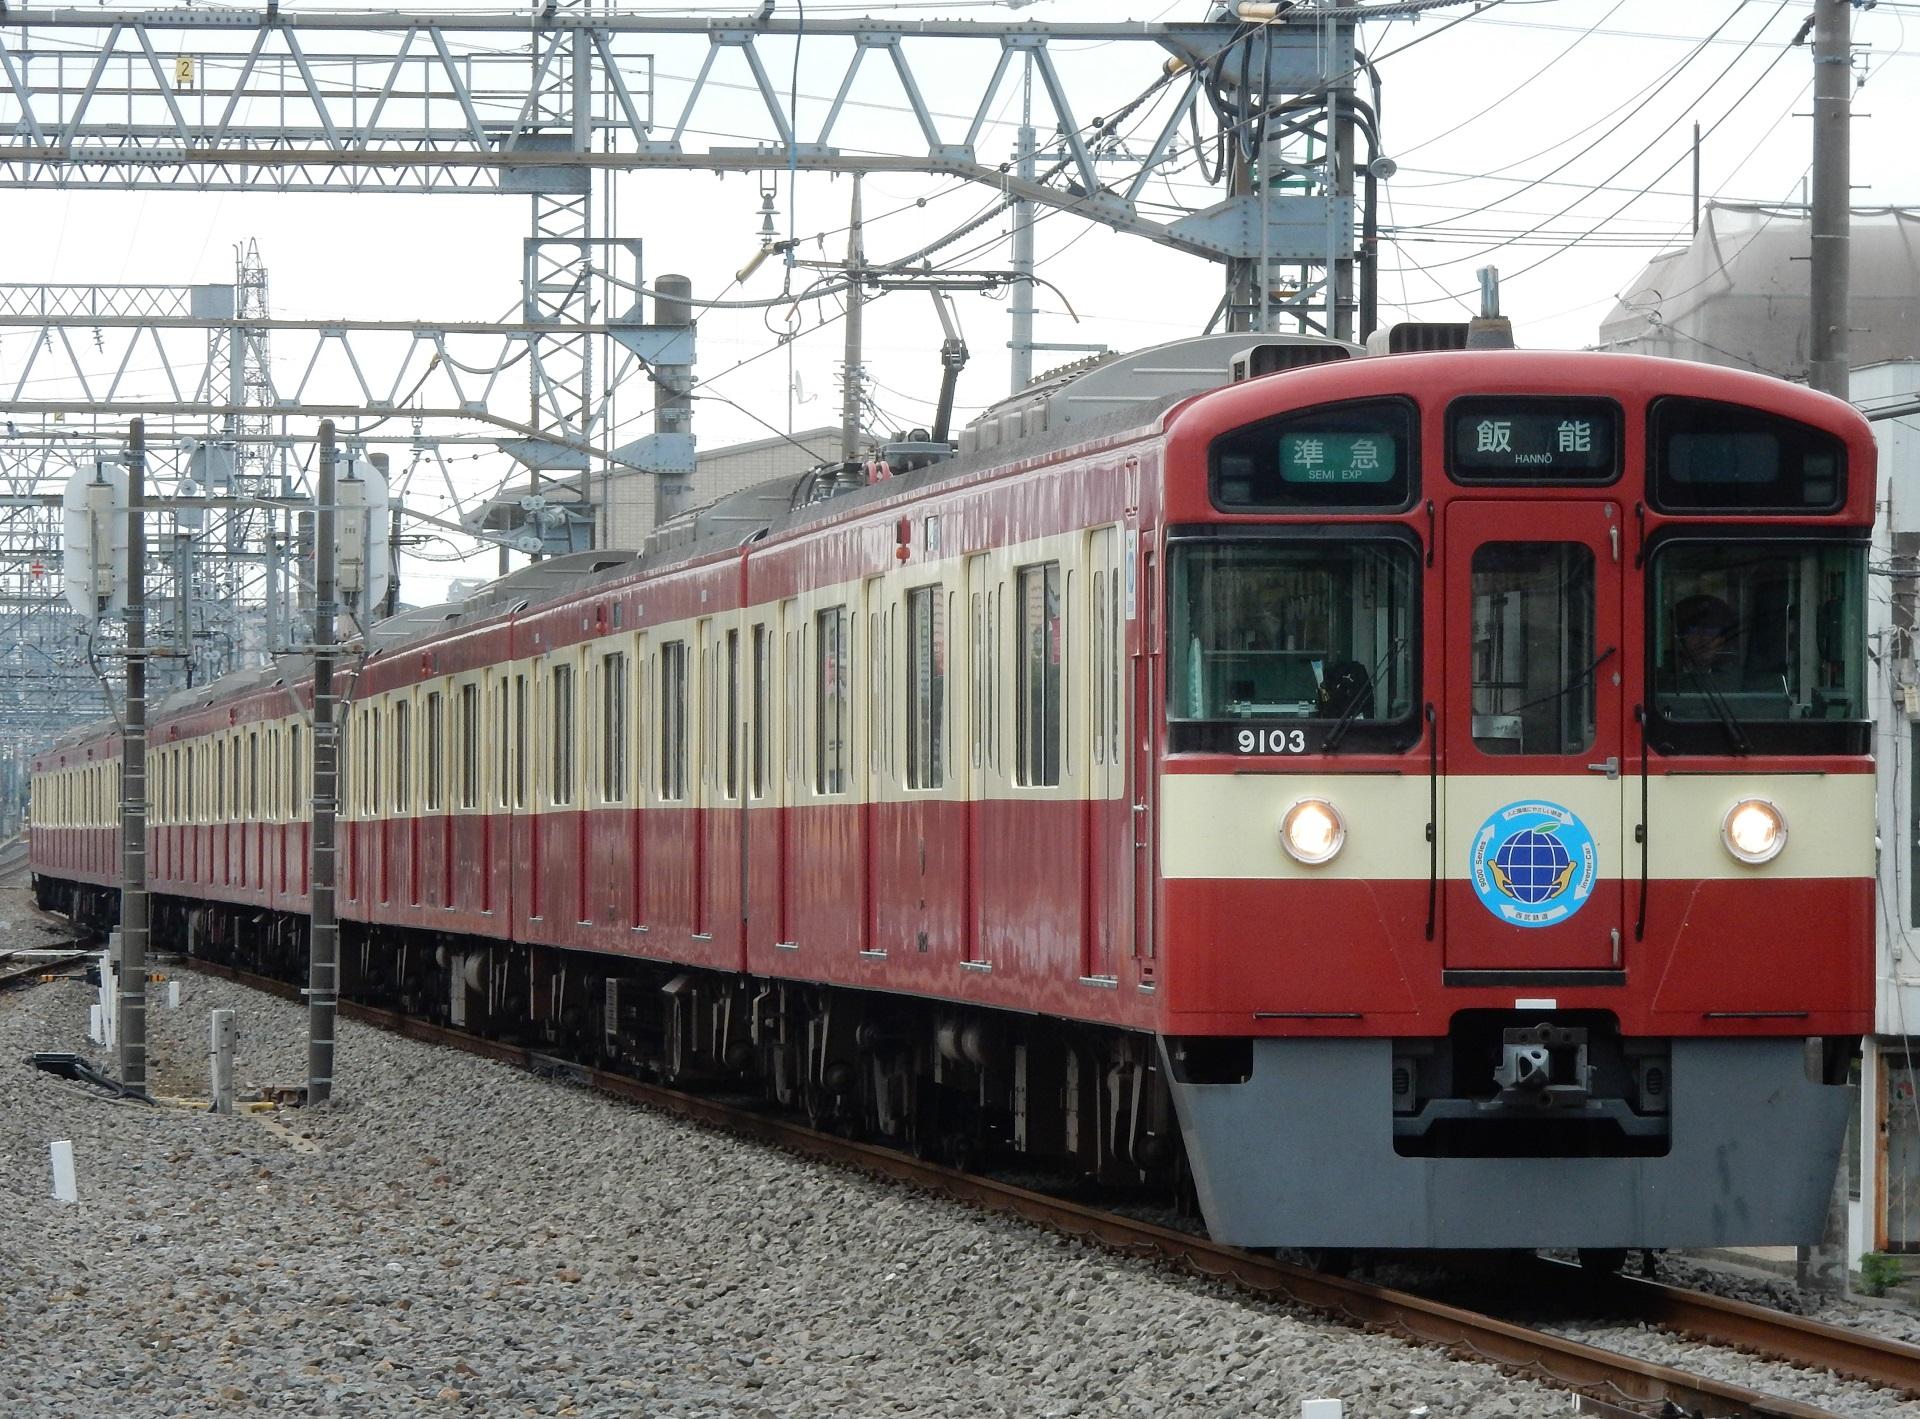 DSCN2619 - コピー